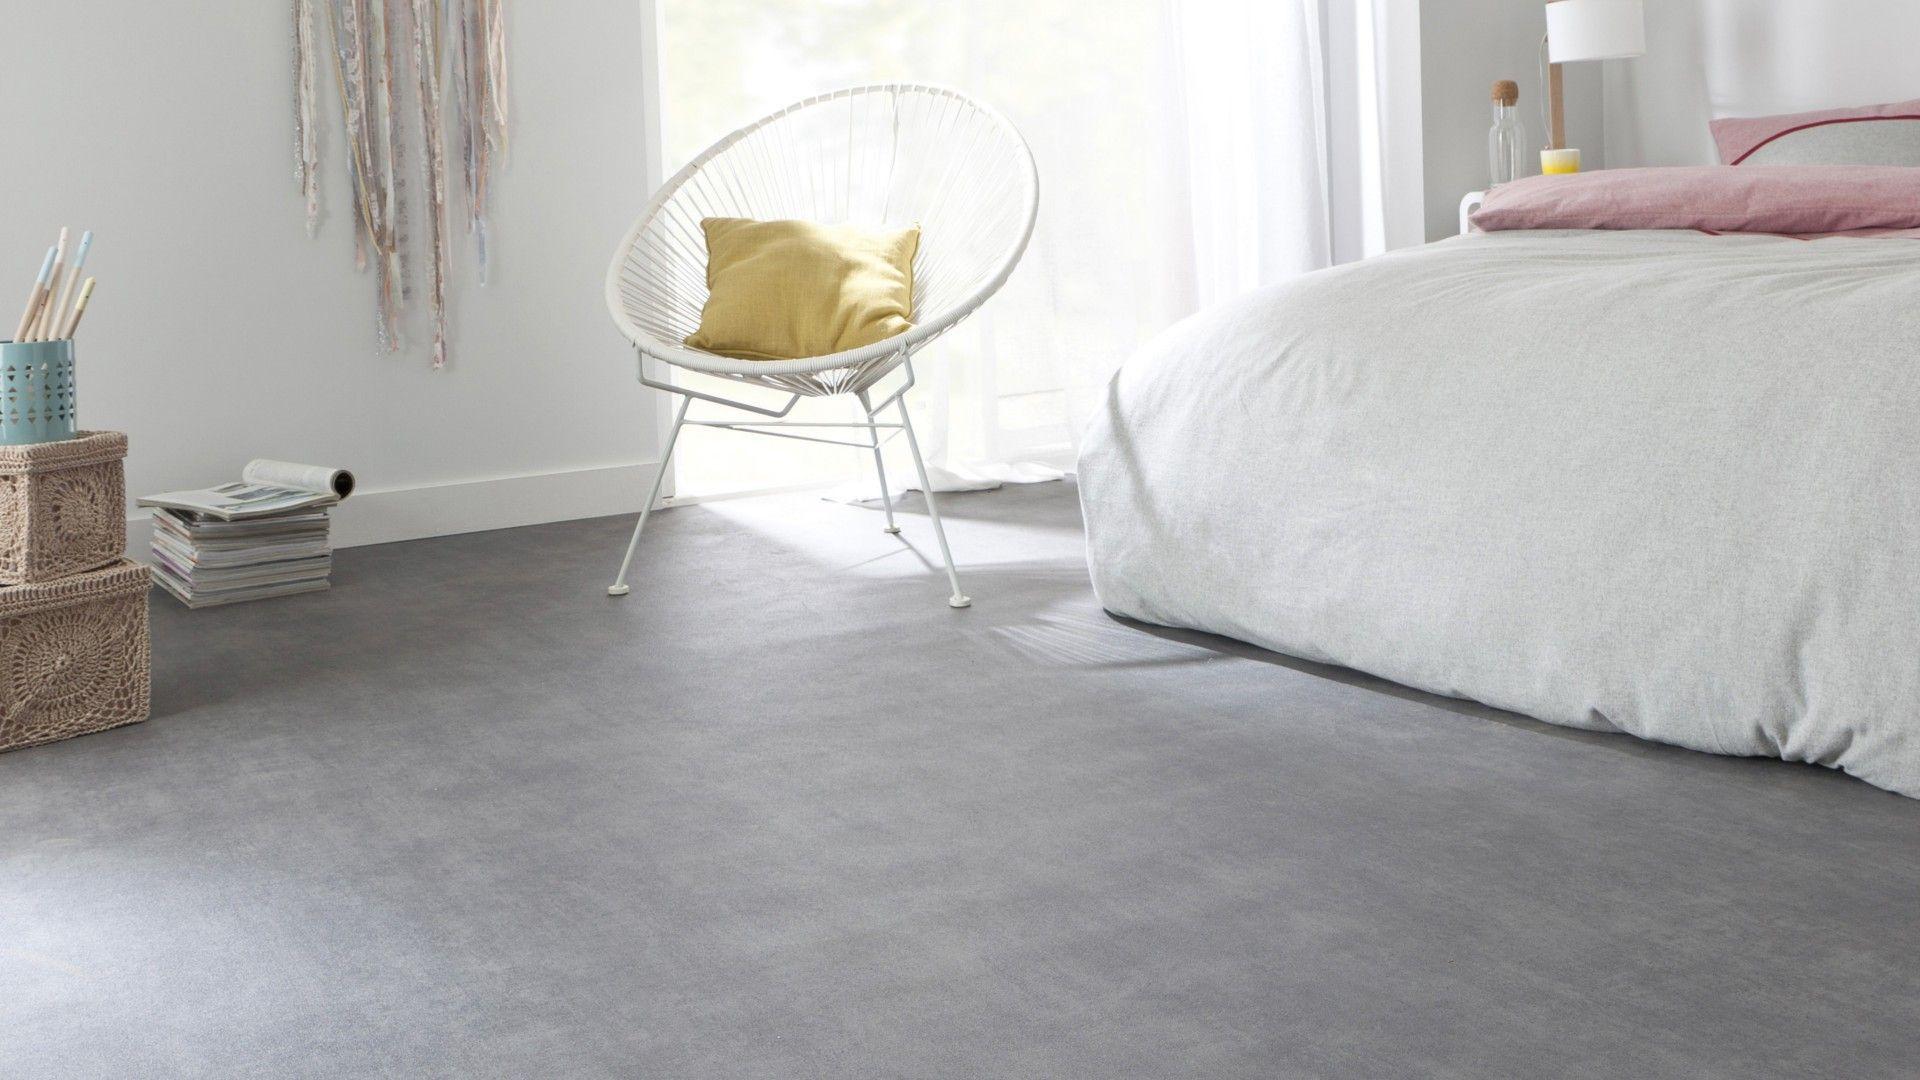 sol vinyle sol vinyle imitation b ton alferro id es pour la maison pinterest. Black Bedroom Furniture Sets. Home Design Ideas